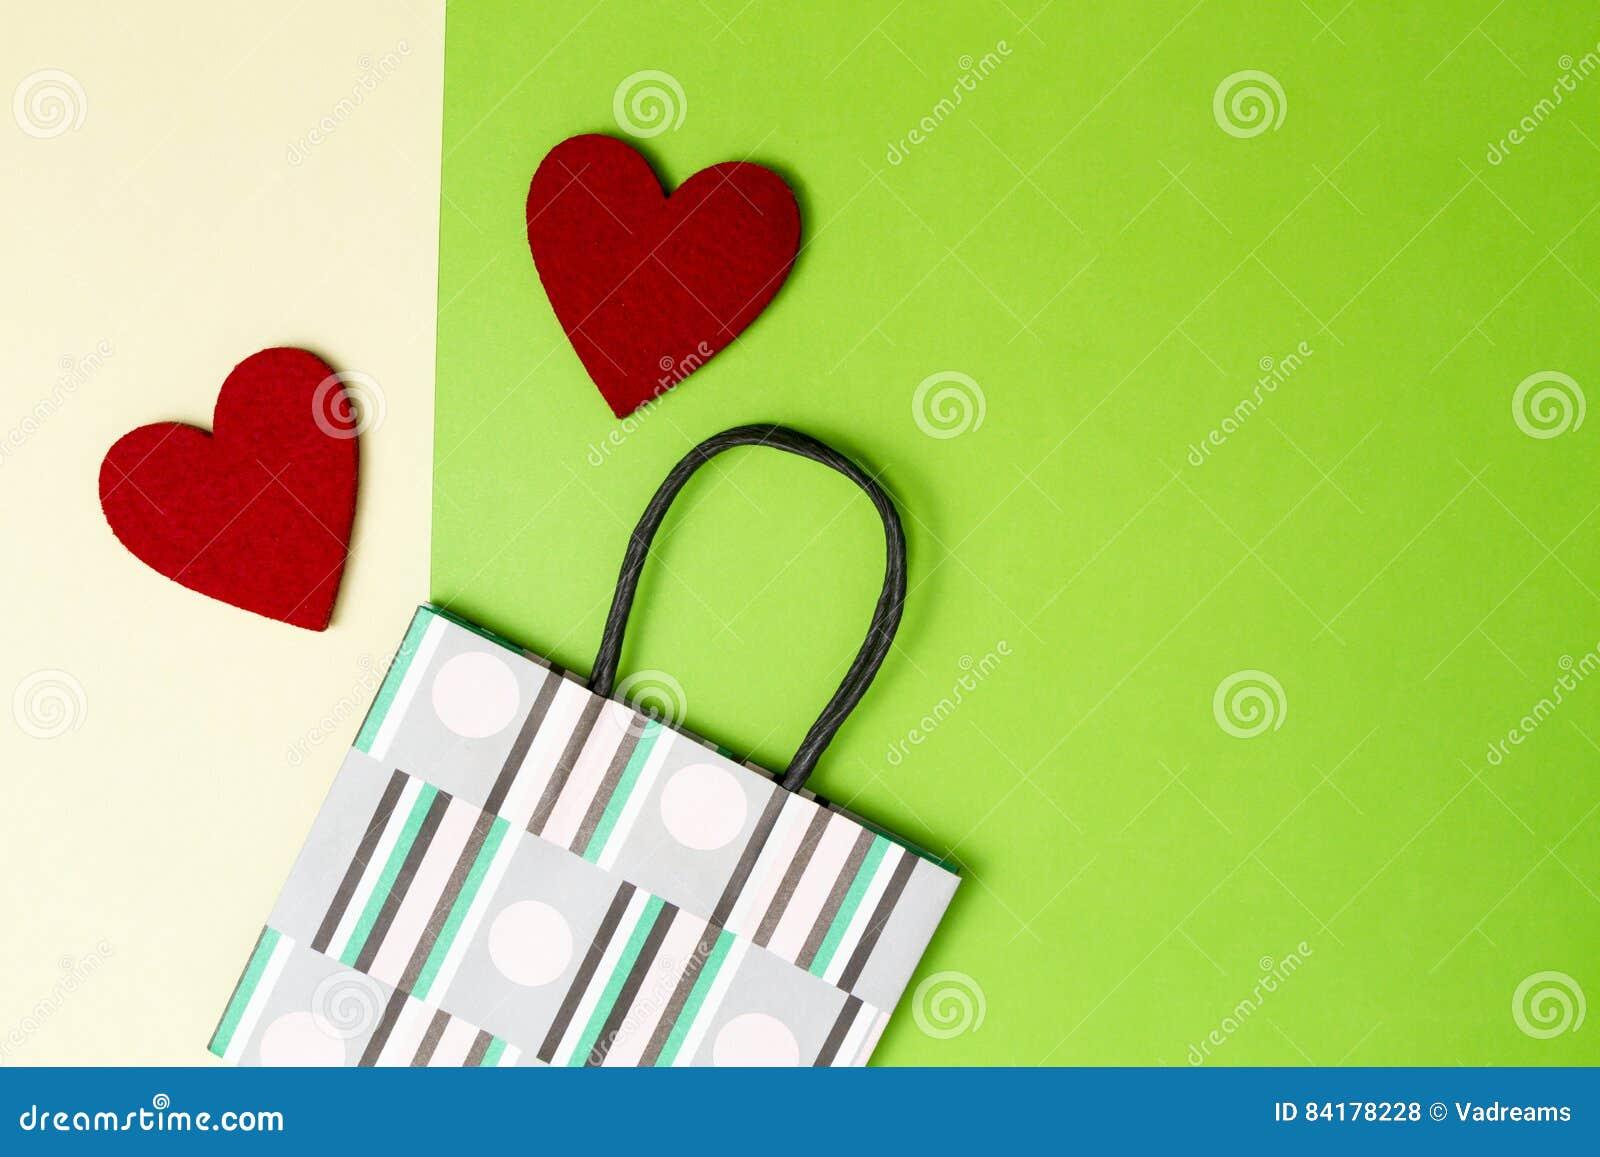 Bunte Einkaufstasche Und Zwei Rote Herzen Auf Grün, Färben ...